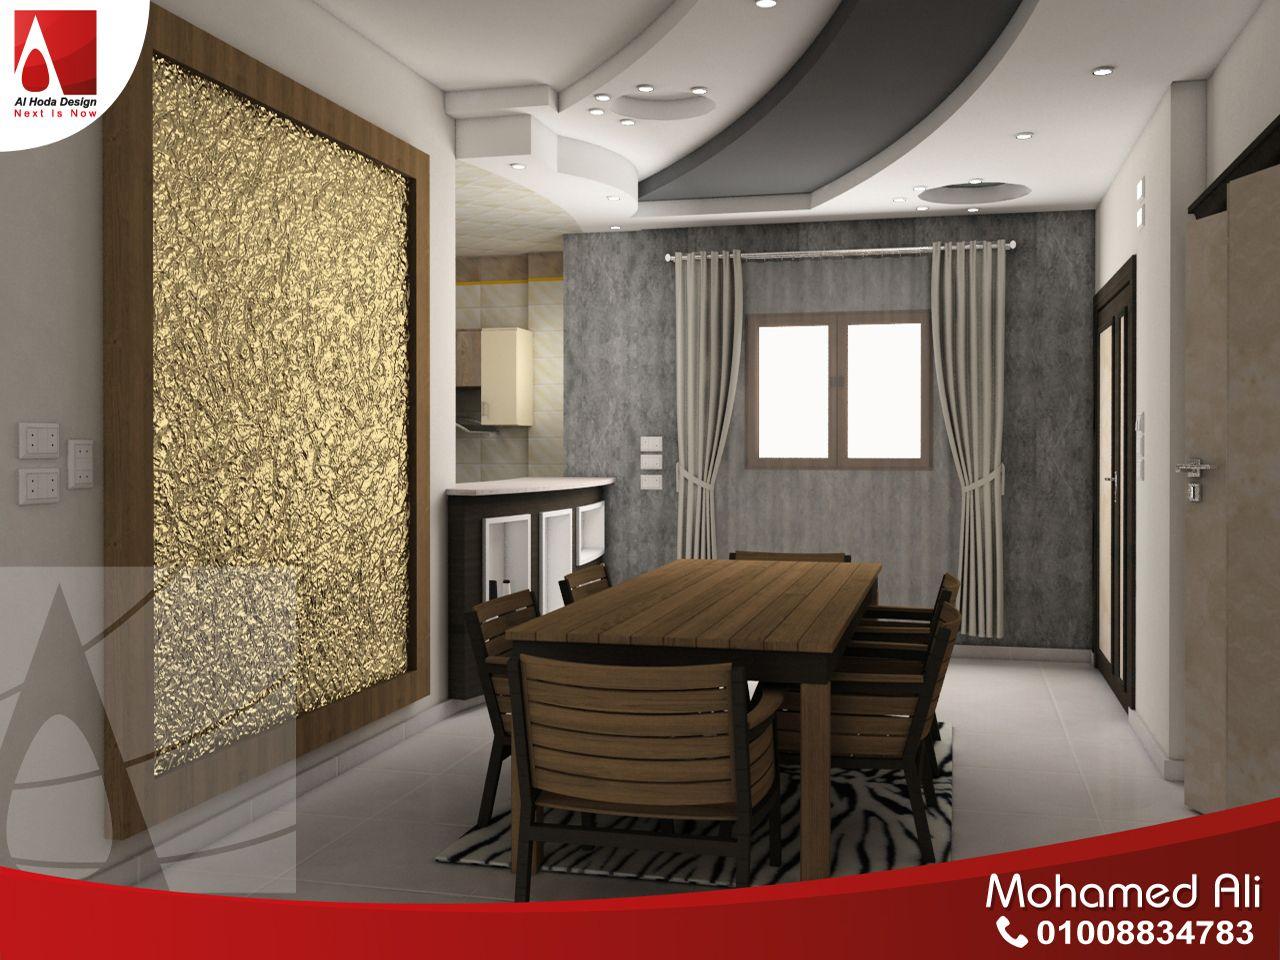 منطقة السفرة بجانب غرفة الاستقبال الريسبشن Home Home Decor Furniture